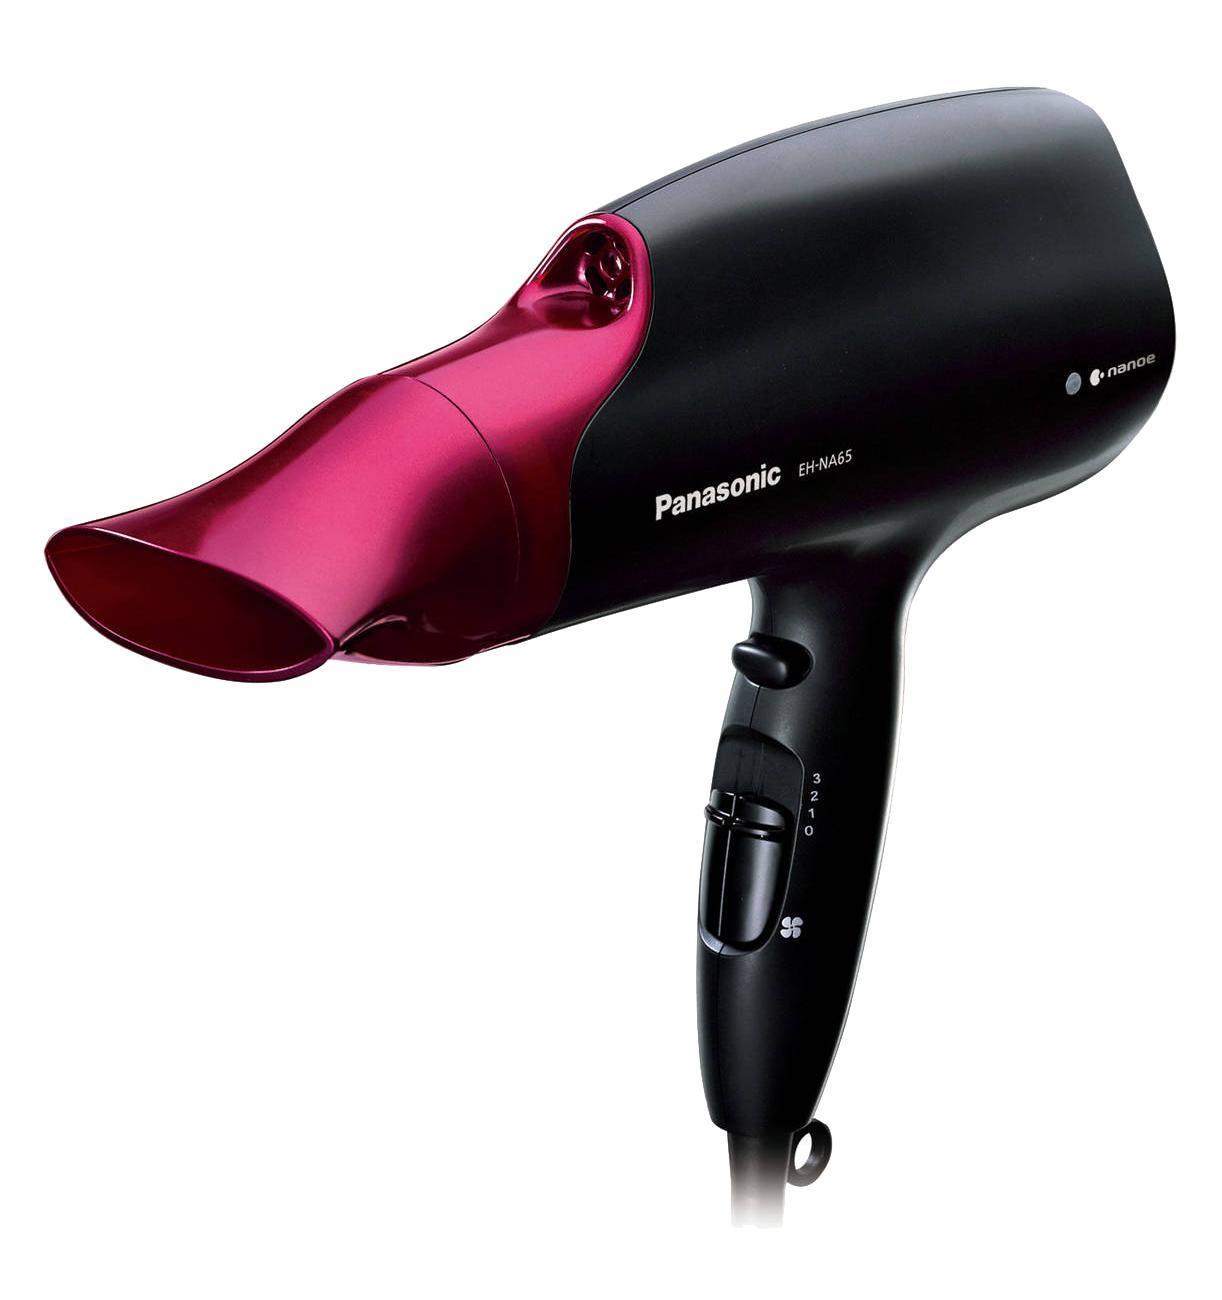 Фен Panasonic EH-NA65-K865EH-NA65-K865Технология nanoe увлажняет поврежденные волосы, способствуя их постепенному восстановлению, увлажняет кожу головы. nanoe сокращает повреждение волос при расчесывании Мошный воздушный поток Сушите волосы быстро и легко в домашних условиях благодаря профессиональной мощности воздушного потока. Насадка-концентрат для Quick Dry Высокое/Низкое регулируемое давление воздуха расправляет волосы, ускоряя их сушку.